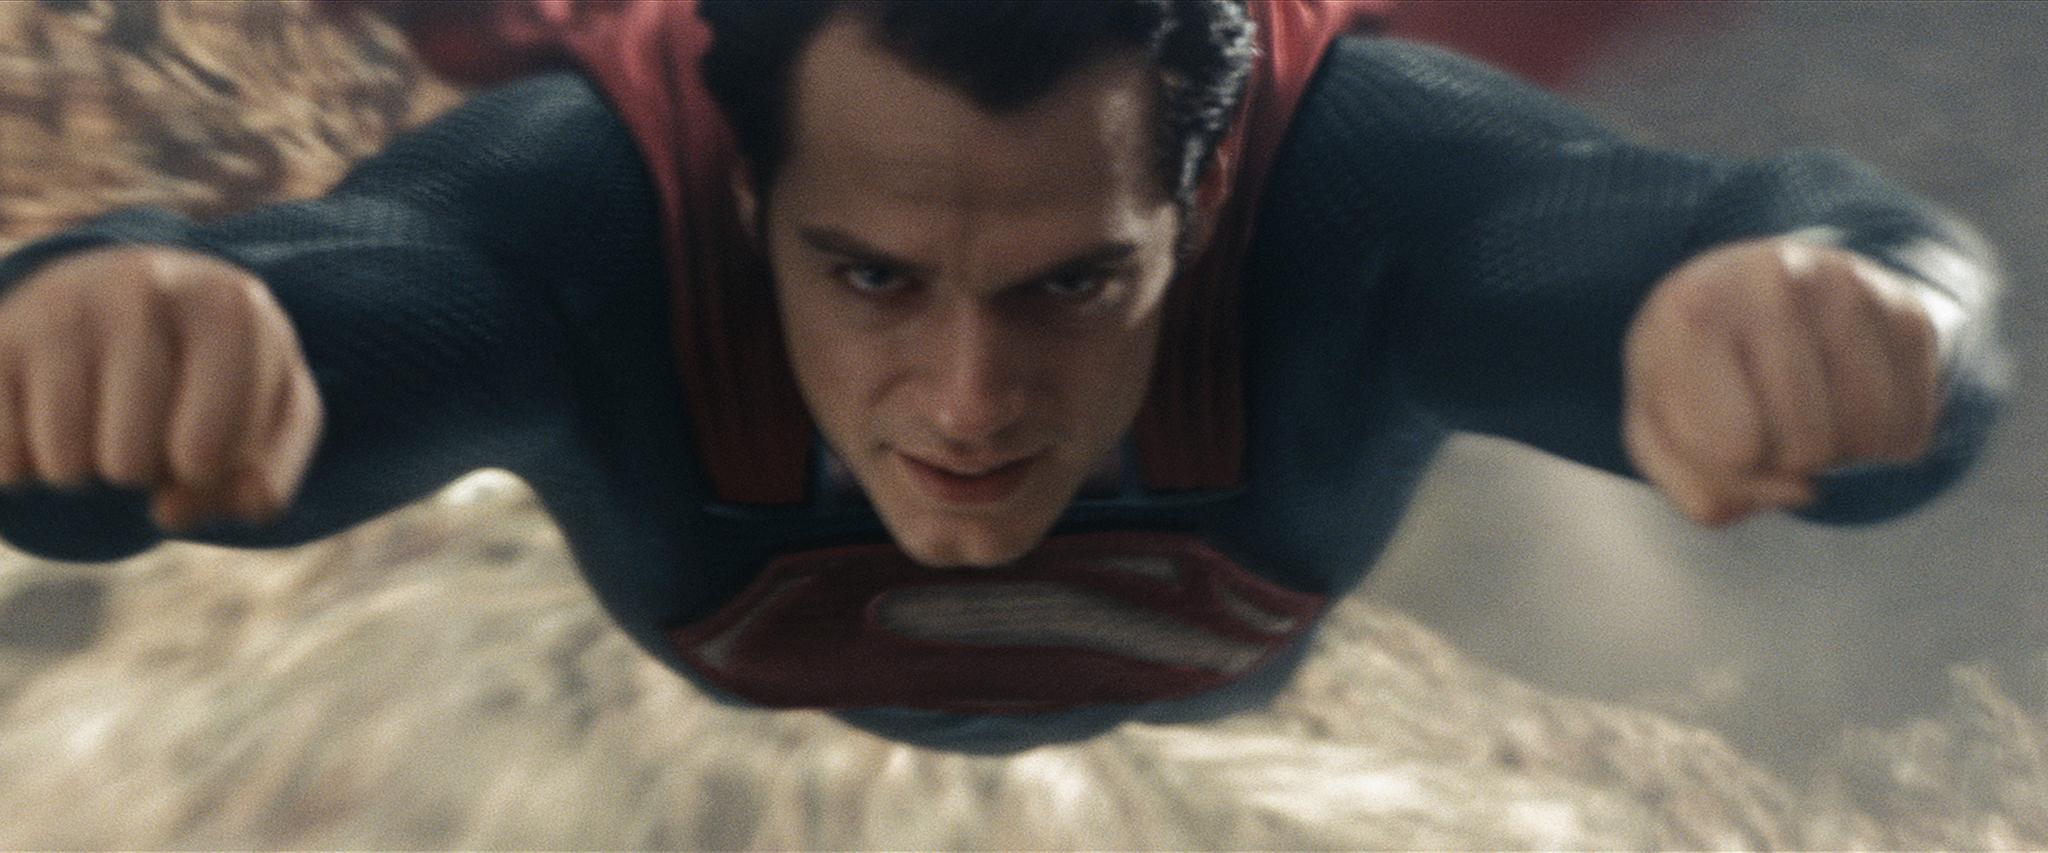 Supermans Suit Dc Comics Extended Universe Wiki Fandom Powered